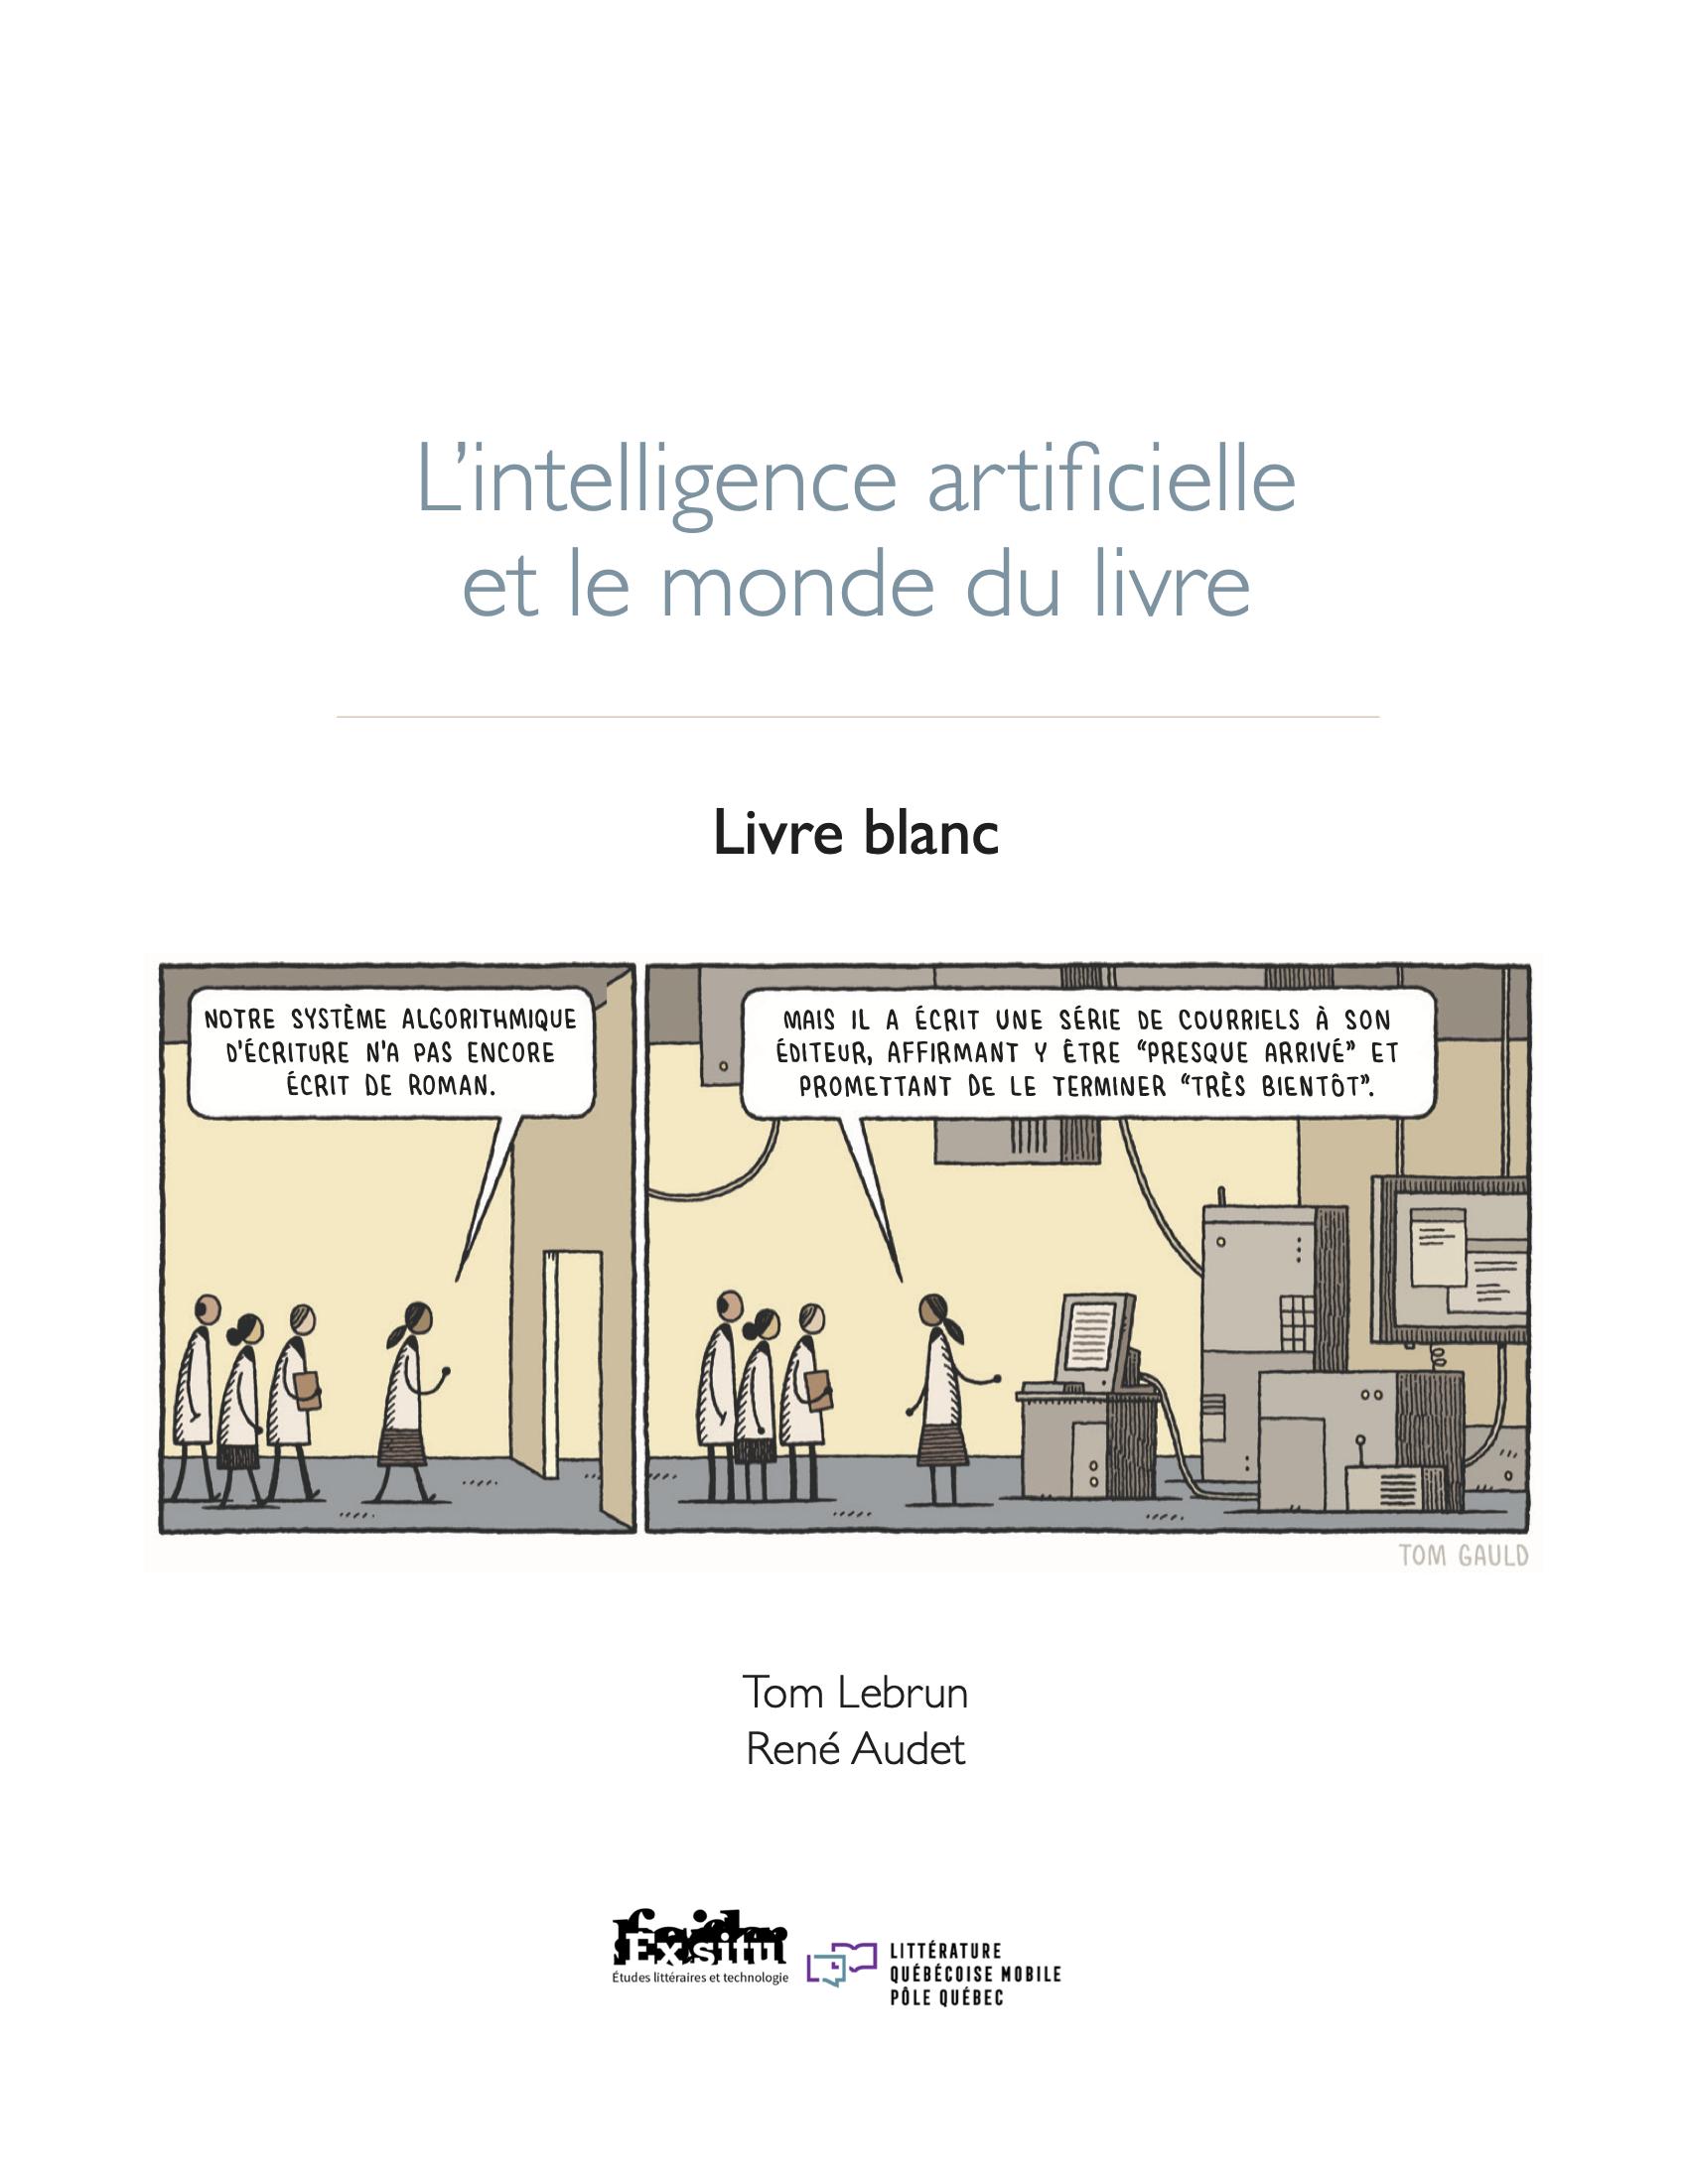 L'intelligence artificielle et le monde du livre. Livre blanc